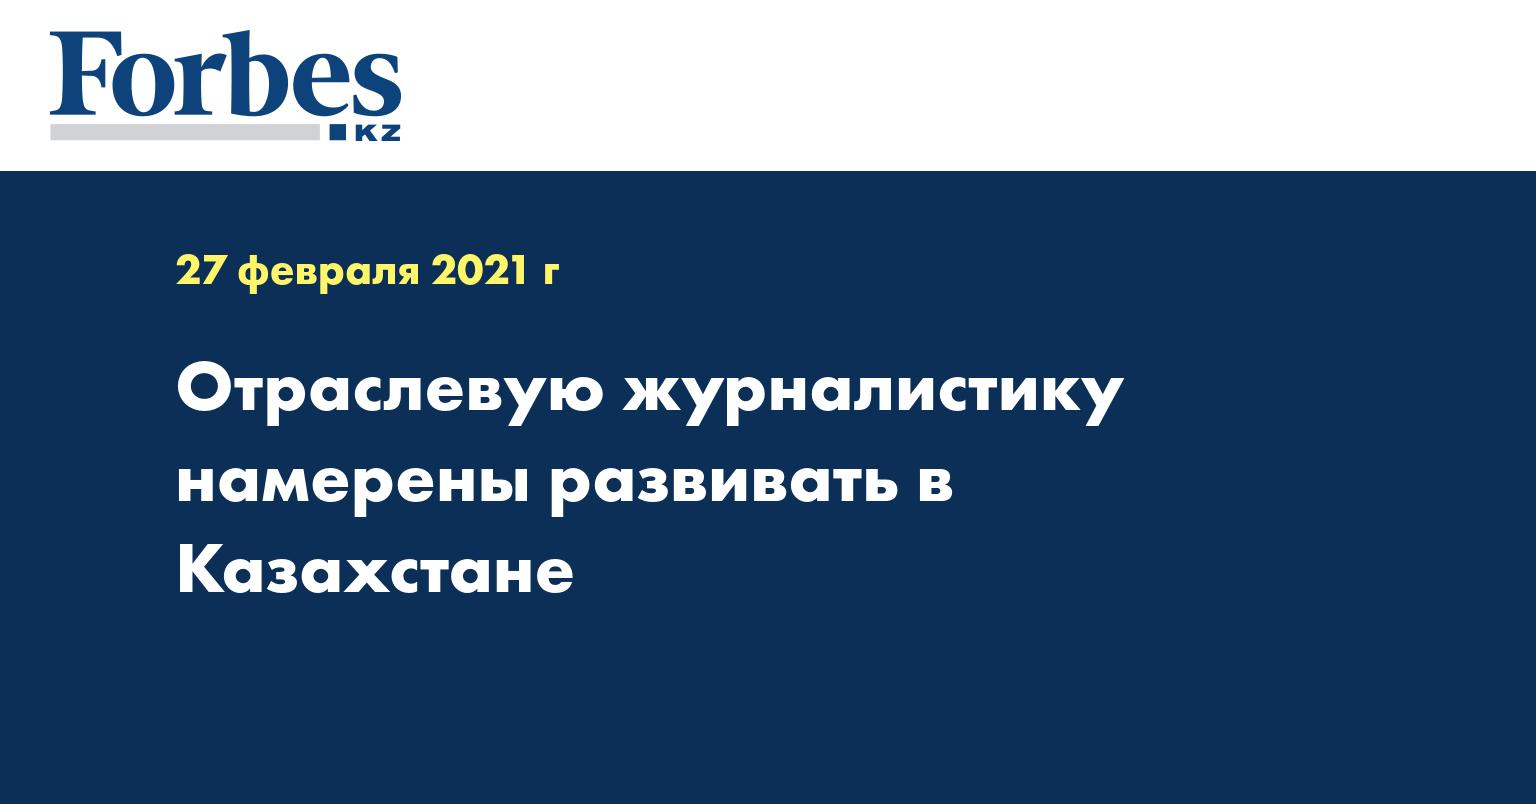 Отраслевую журналистику намерены развивать в Казахстане